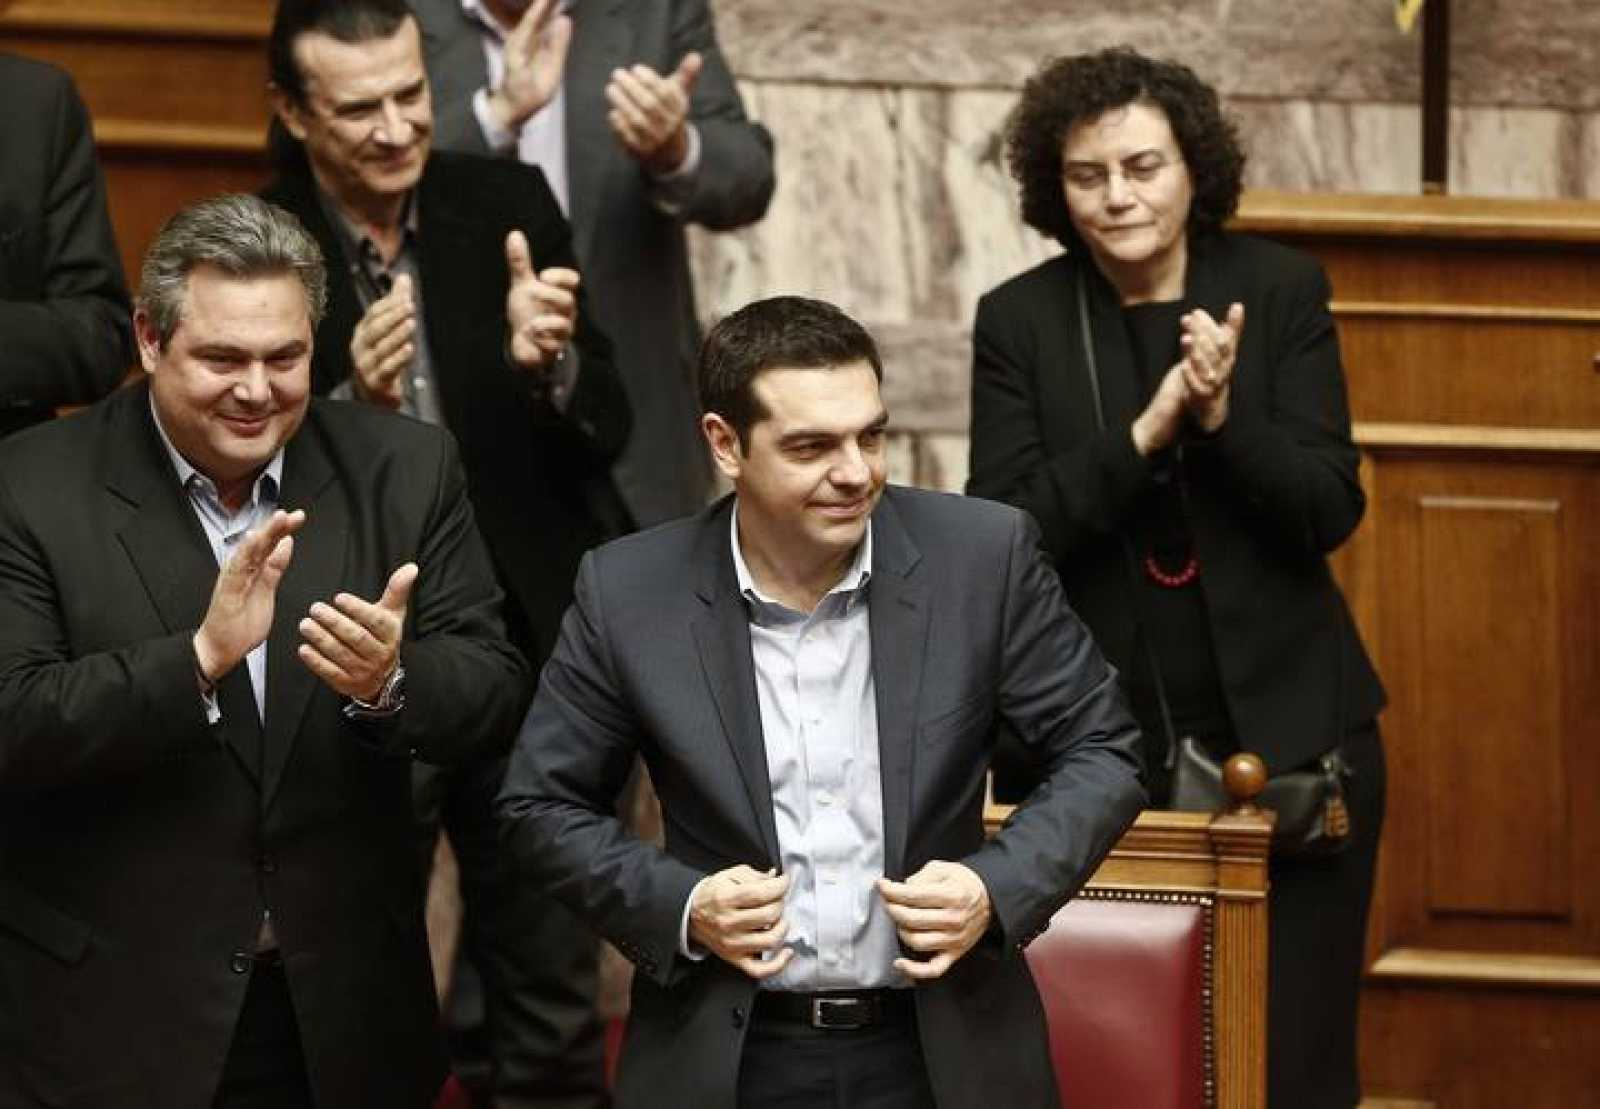 EL primer ministro de Grecia, Alexis Tsipras, recibe los aplausos tras la votación de la moción de confianza de su plan de Gobierno en el Parlamento de Atenas.